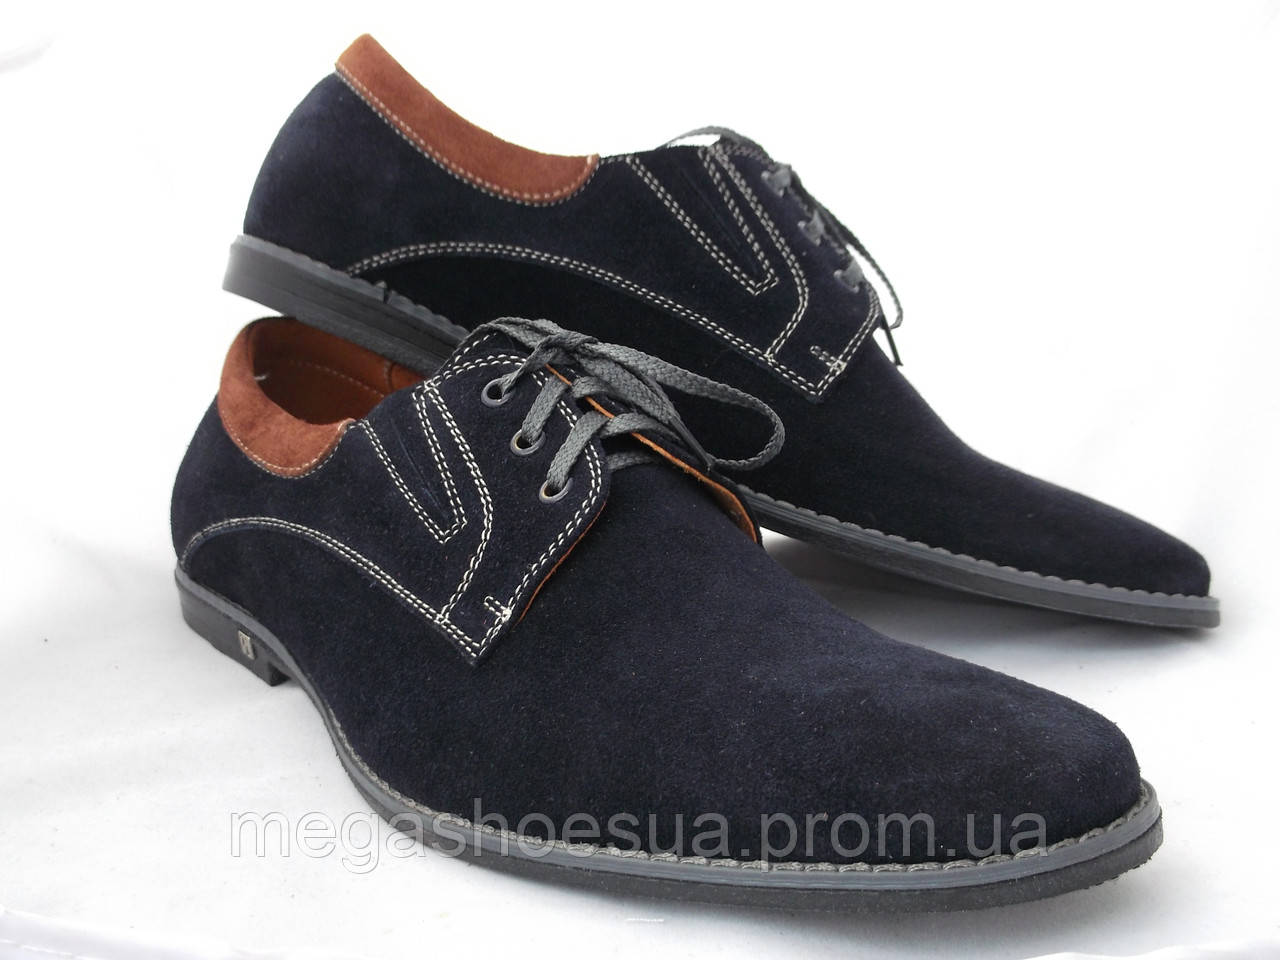 e3d161ec5087 Стильные мужские туфли натуральная замша украинский производитель